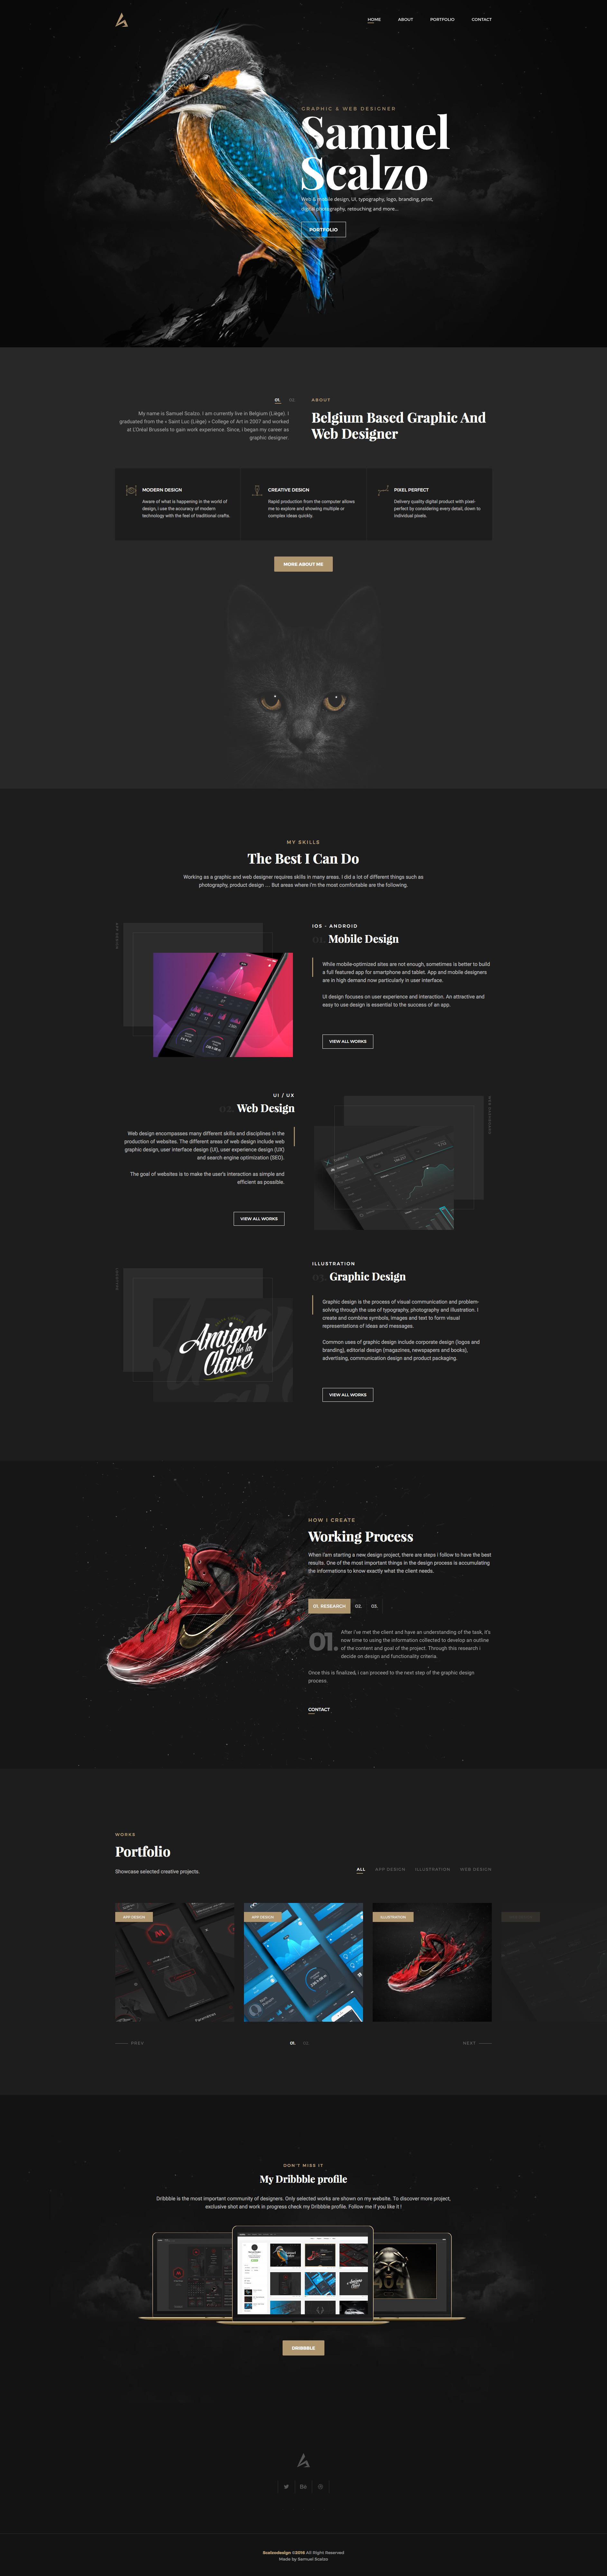 Home web scalzodesign hd